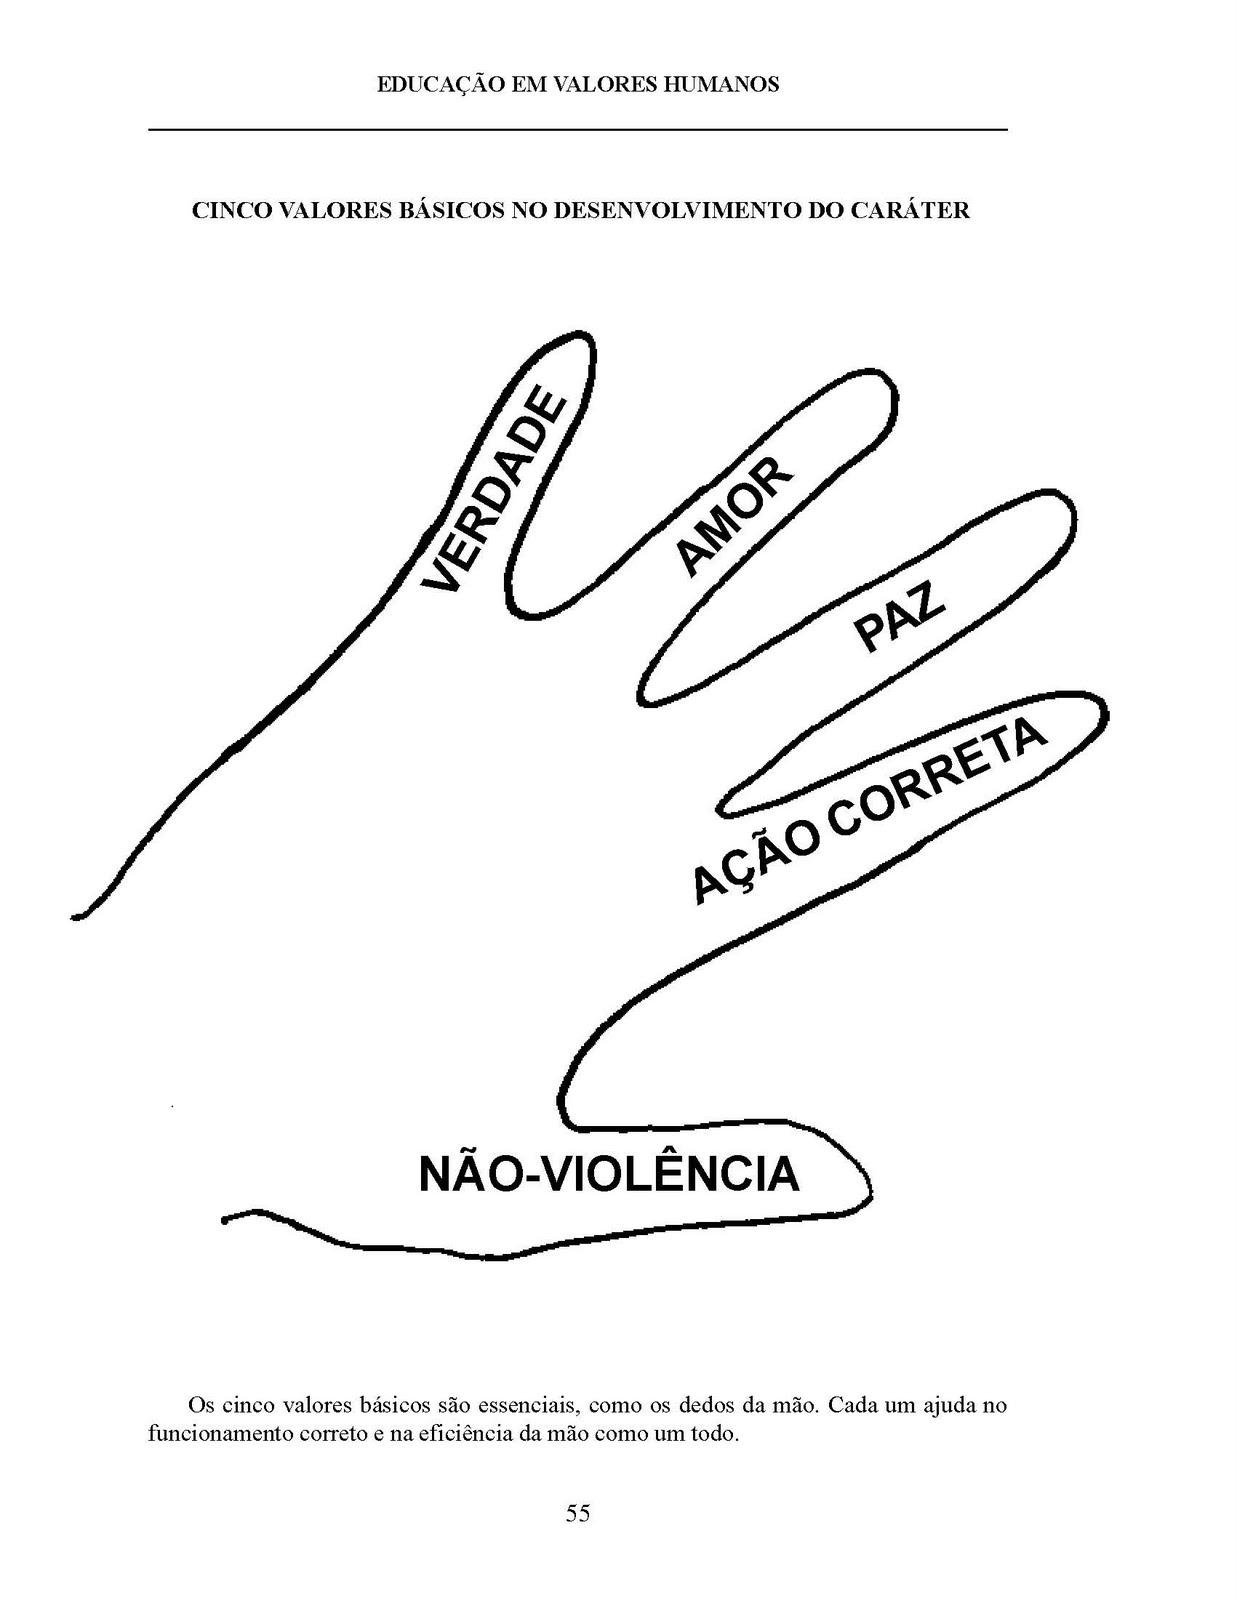 Língua Portuguesa Curso Educação Em Valores Humanos